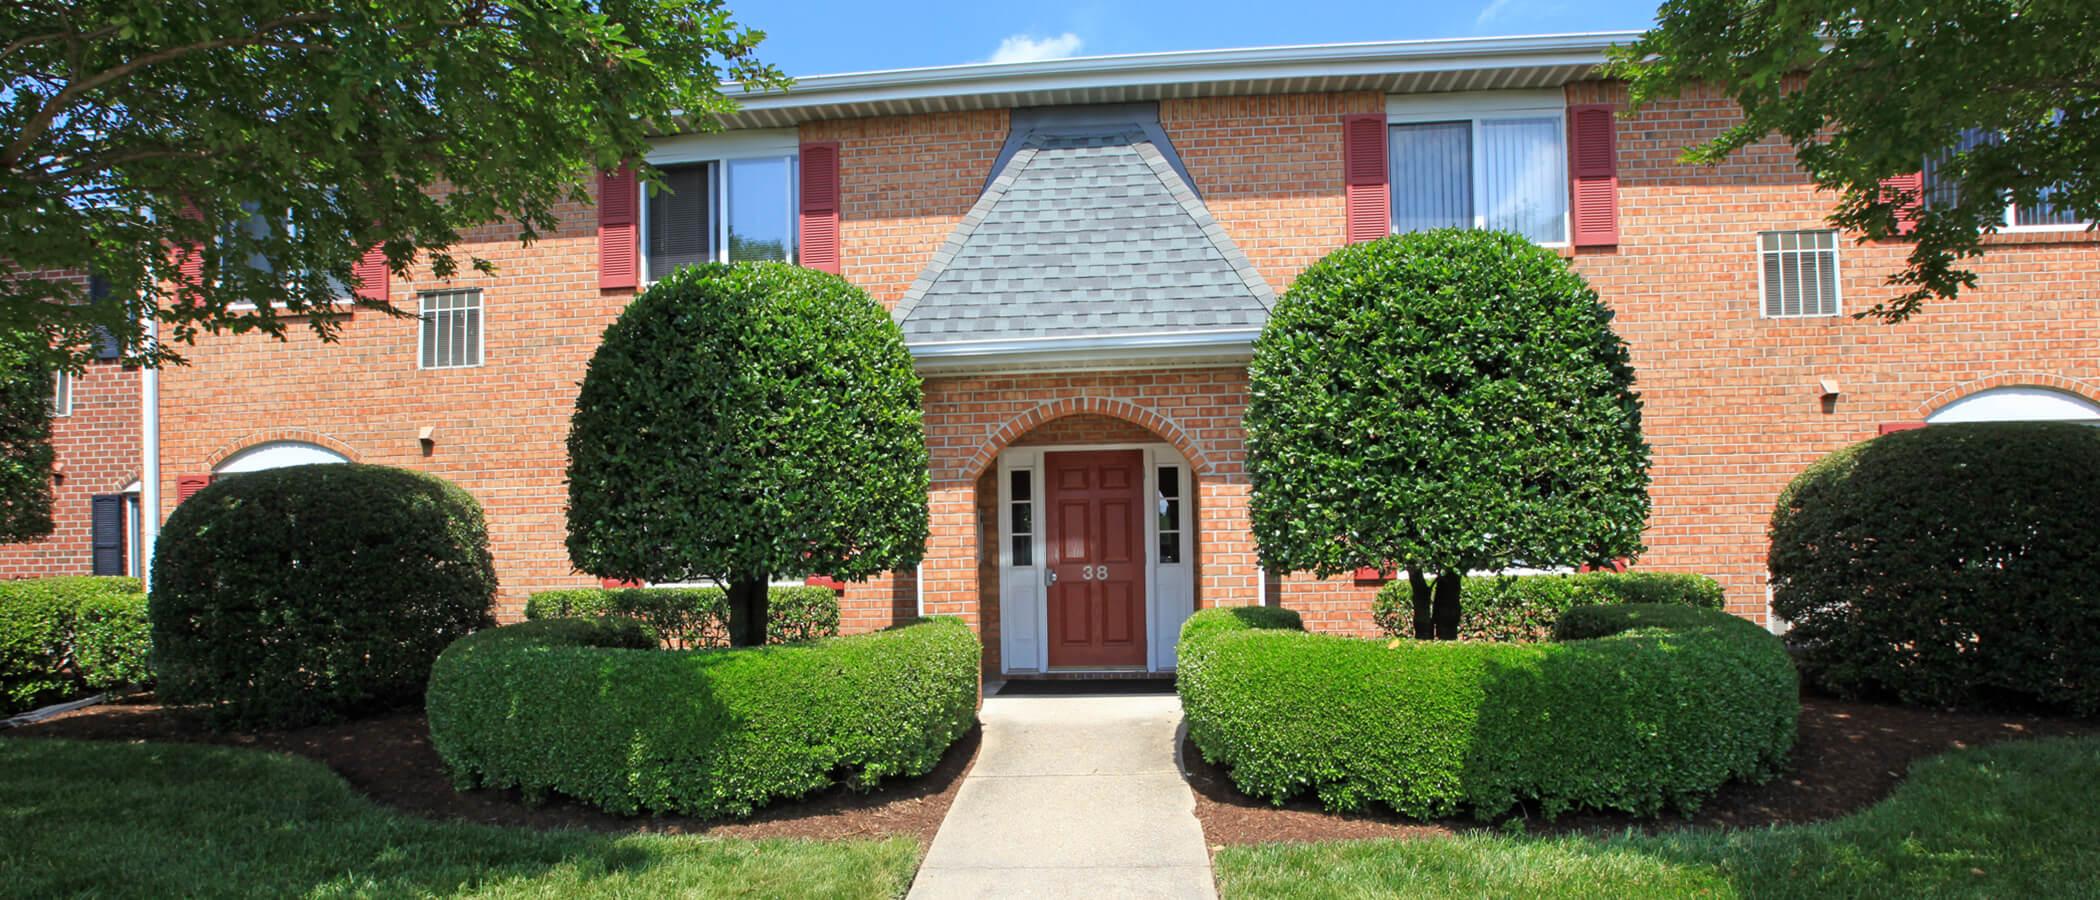 Houses for rent in newport news va